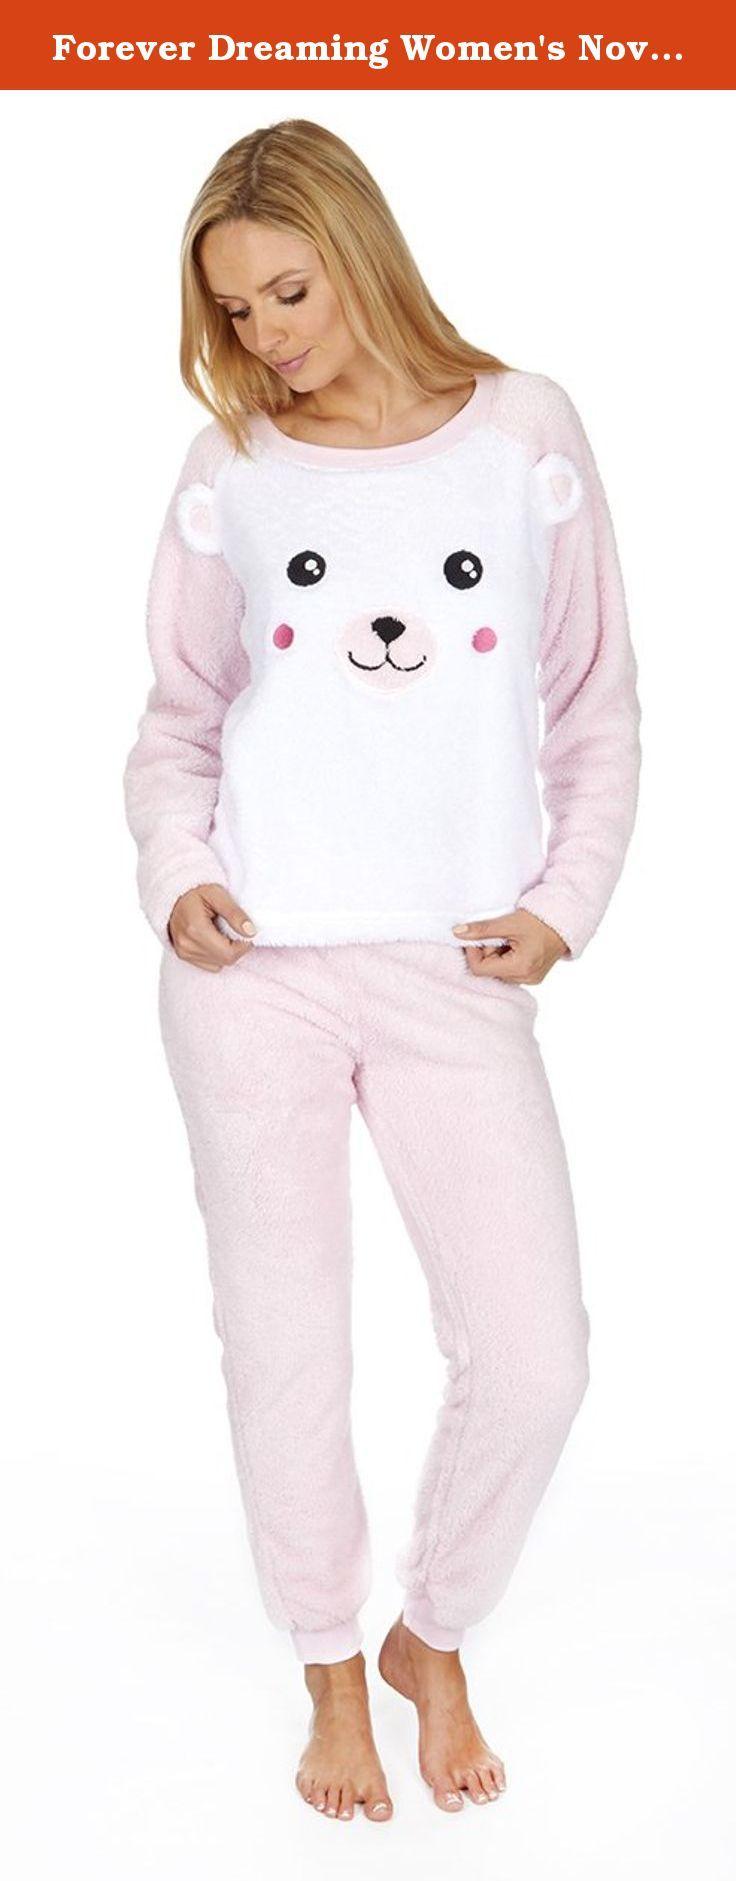 19bc5f6f4328 ... Découvrez des idées sur le thème Pyjama En Polaire. Forever Dreaming  Womens Novelty Animal Snuggle ...